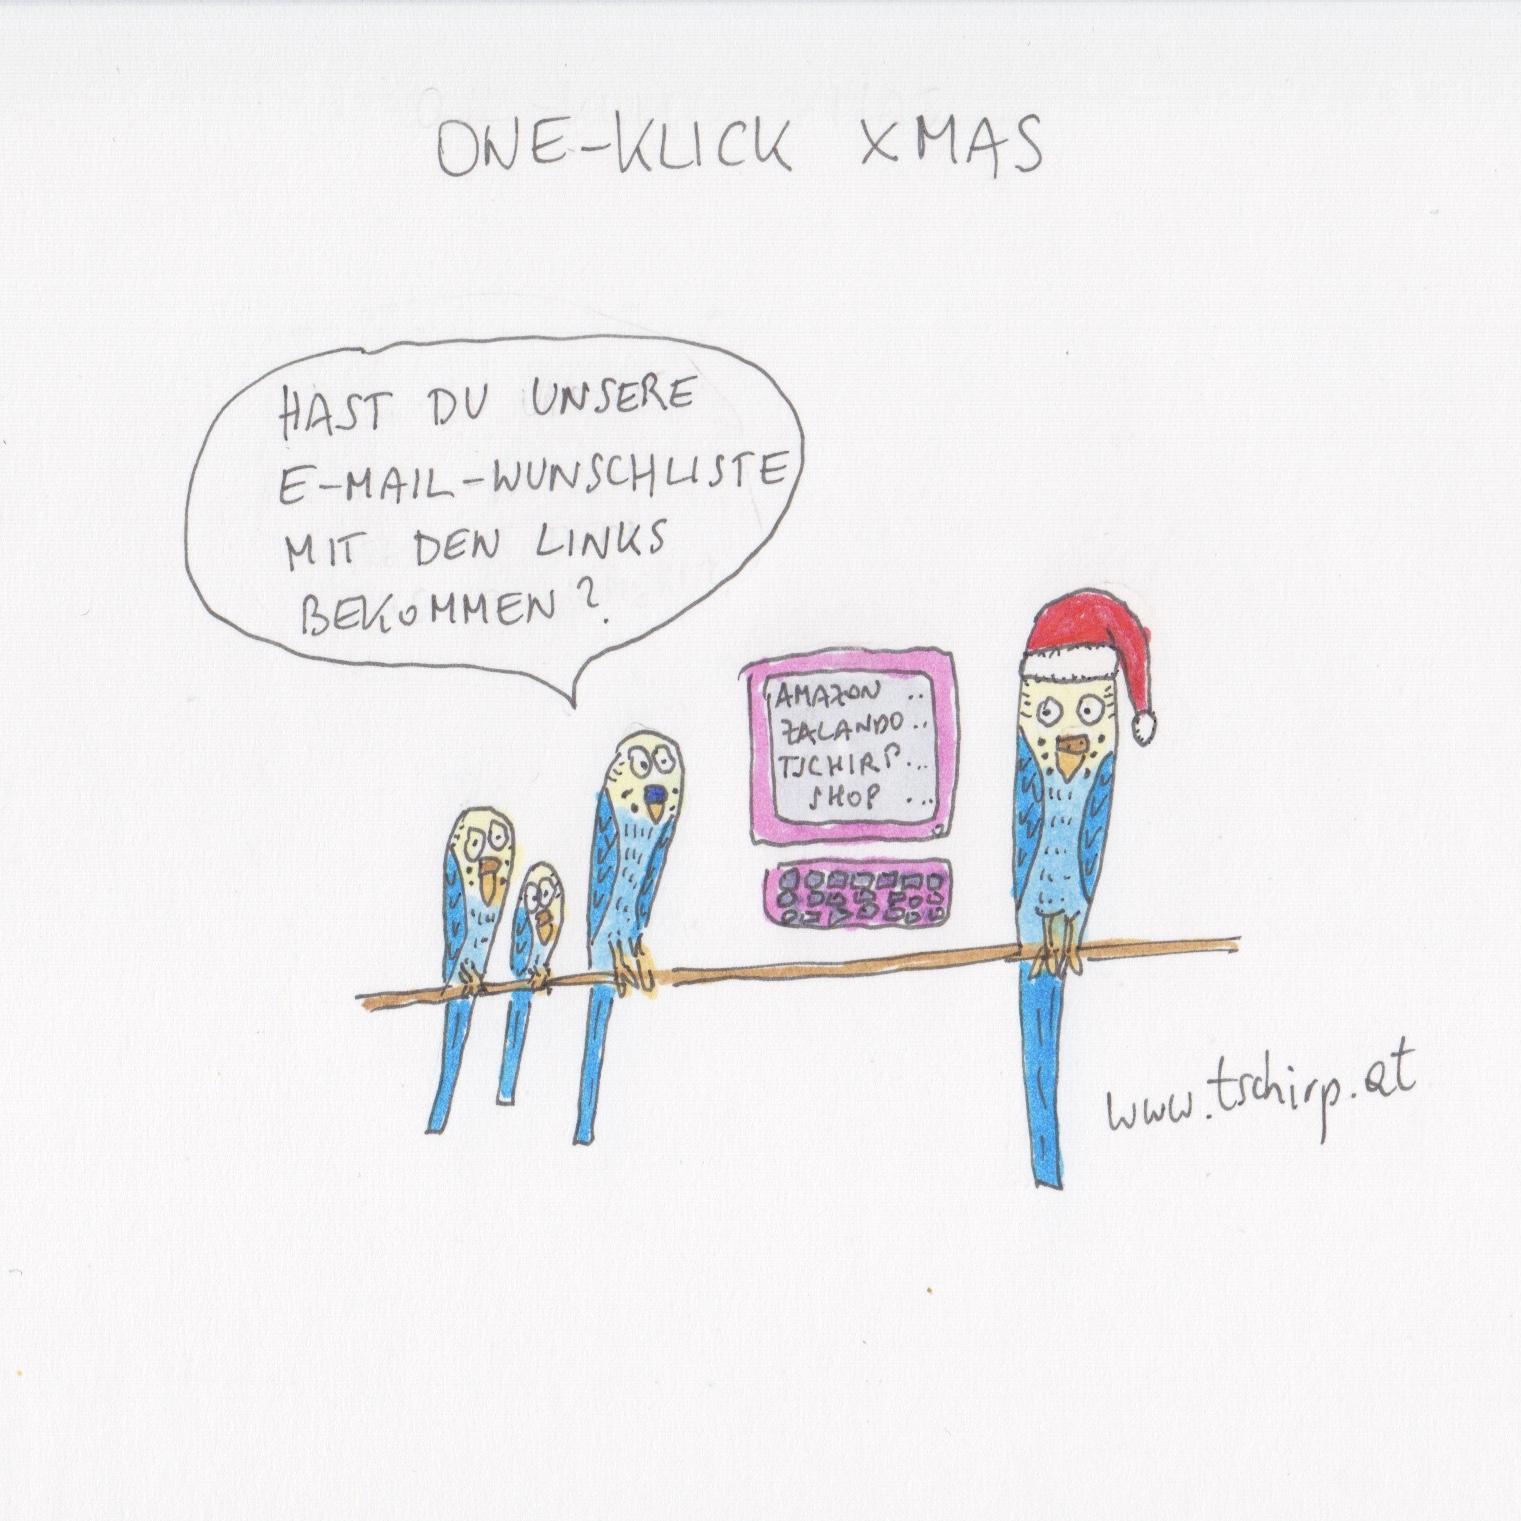 Advent, Weihnachten, Wunschliste, Weihnachtszeit, Wellensittich